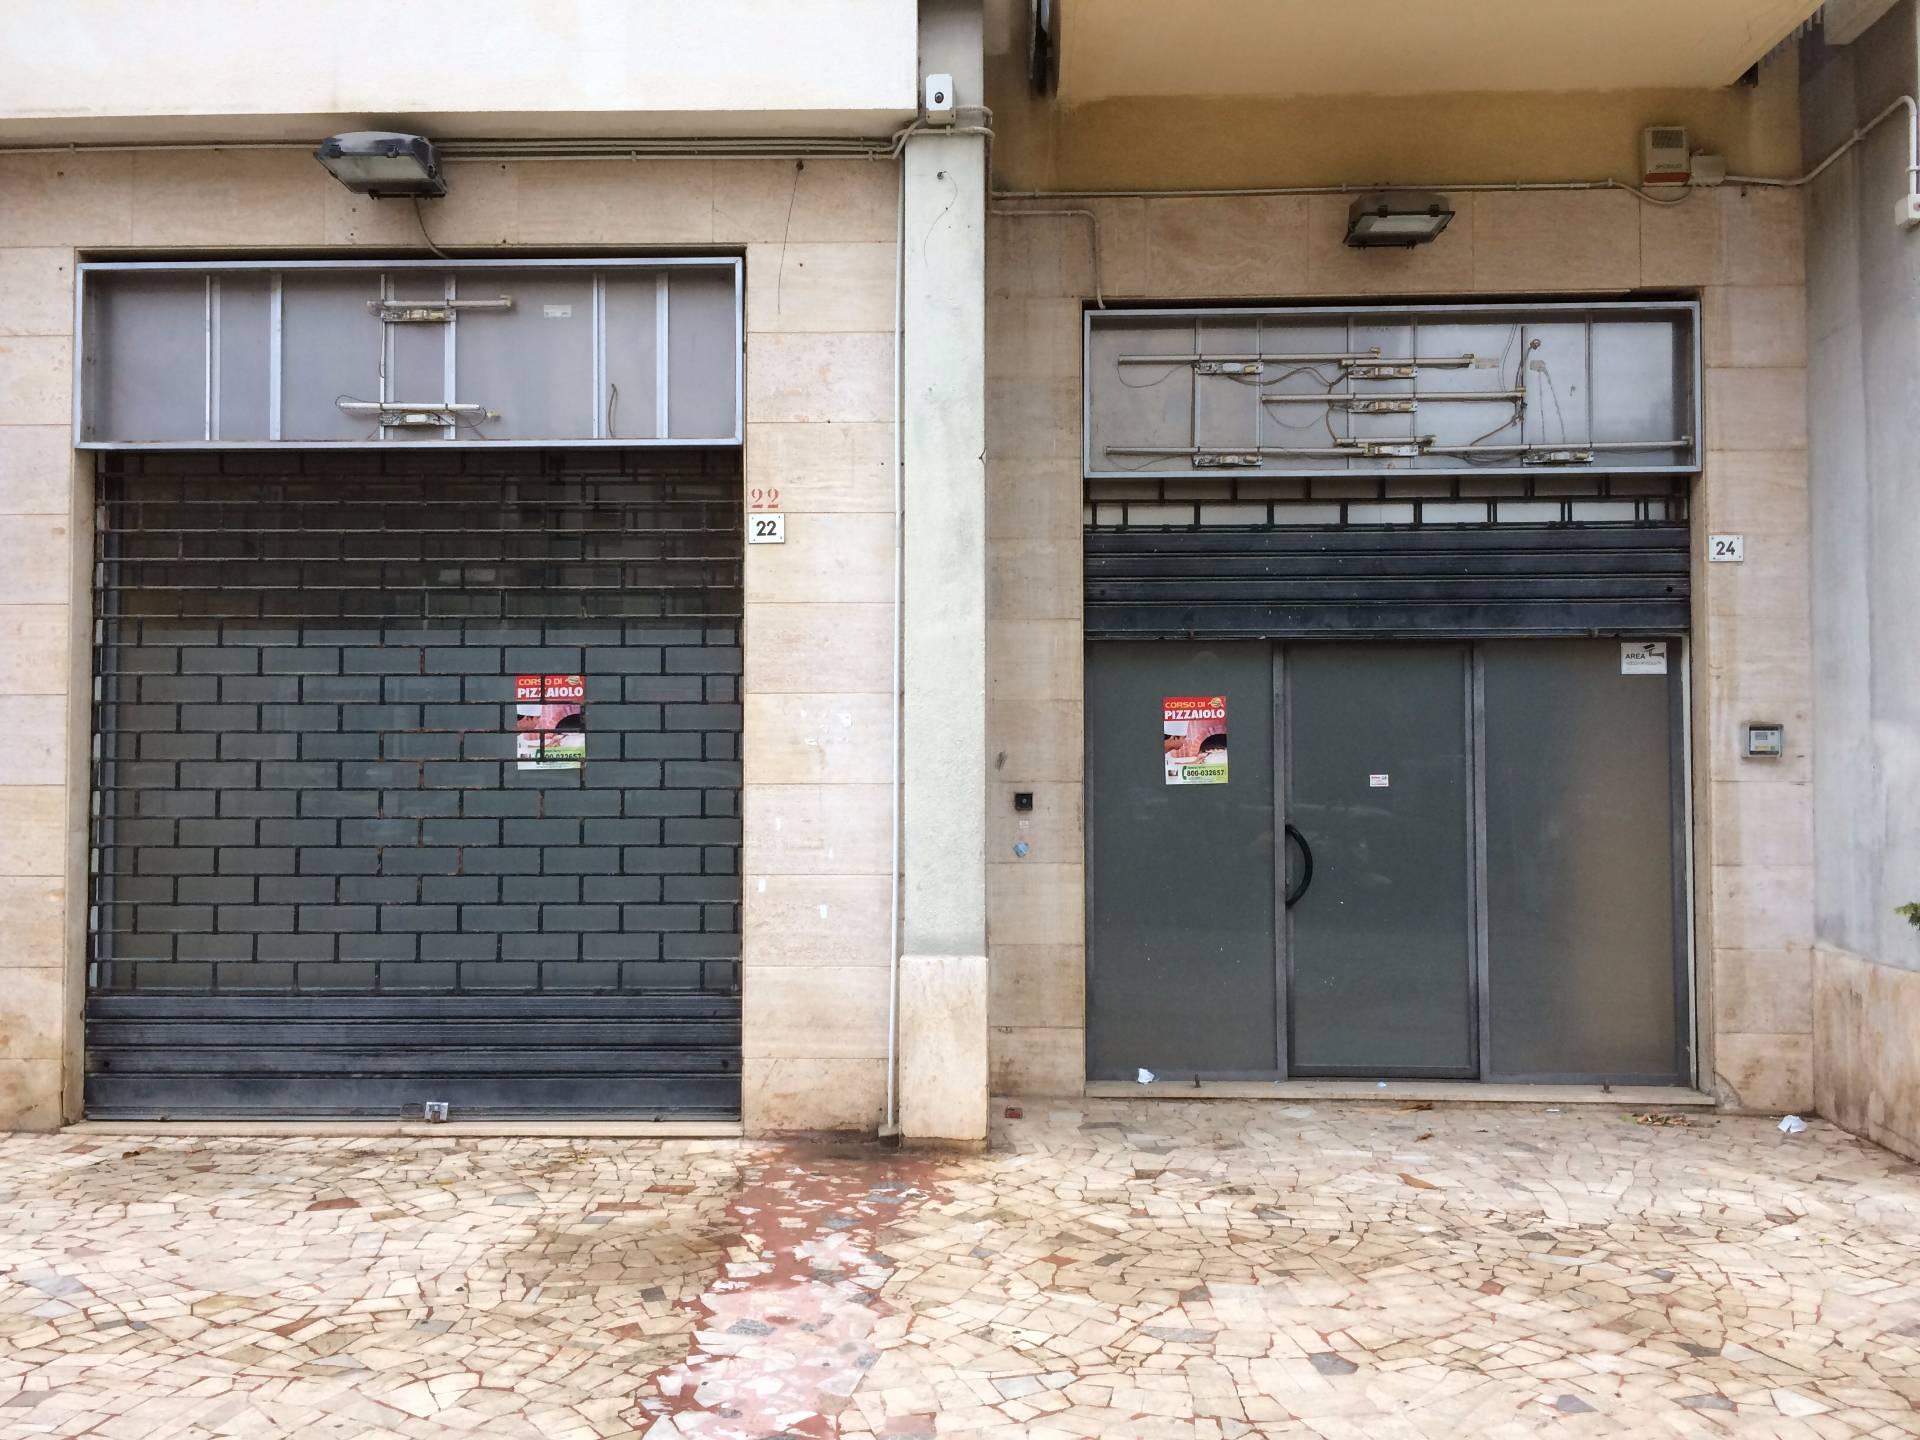 Negozio / Locale in affitto a Palermo, 9999 locali, zona Località: Malaspina, prezzo € 700 | Cambio Casa.it